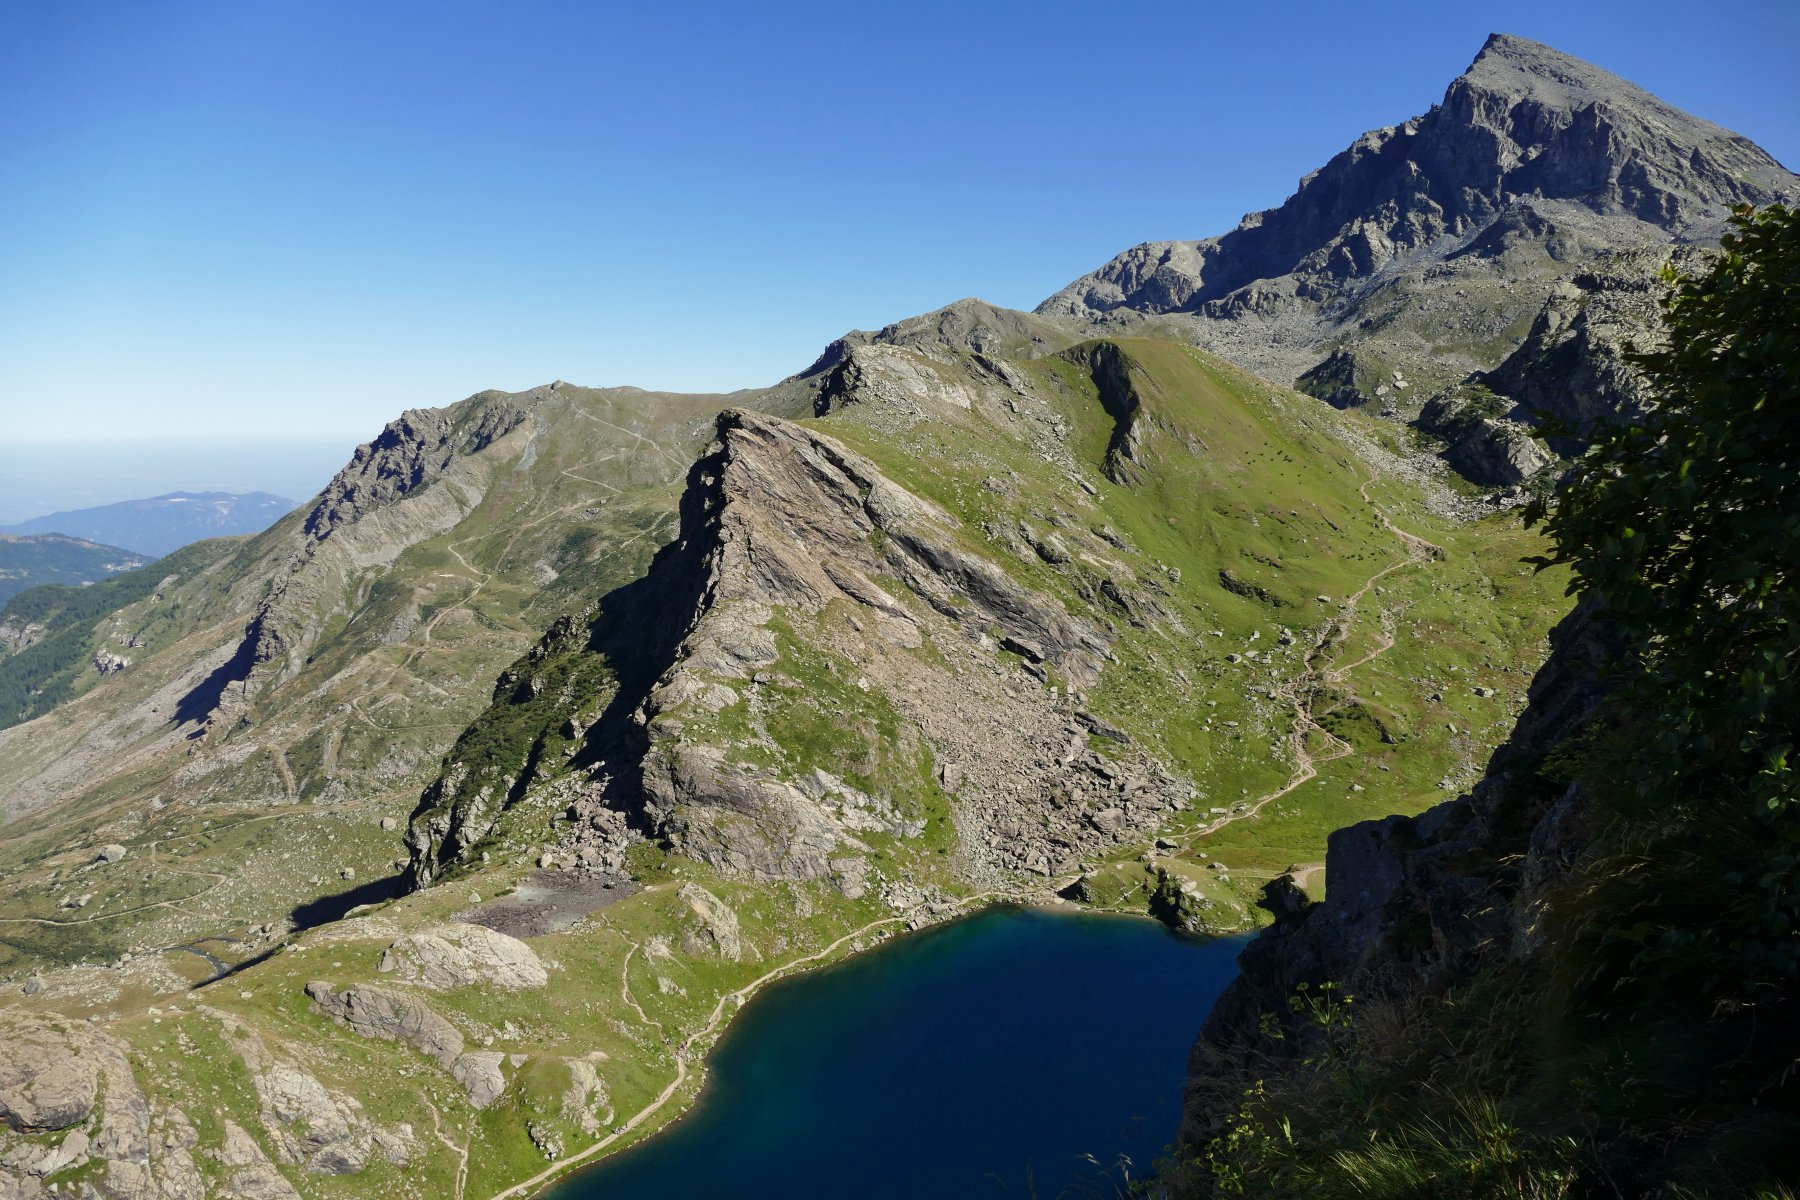 Scendendo verso Pian del Re vista sul Lago Fiorenza e Viso Mozzo